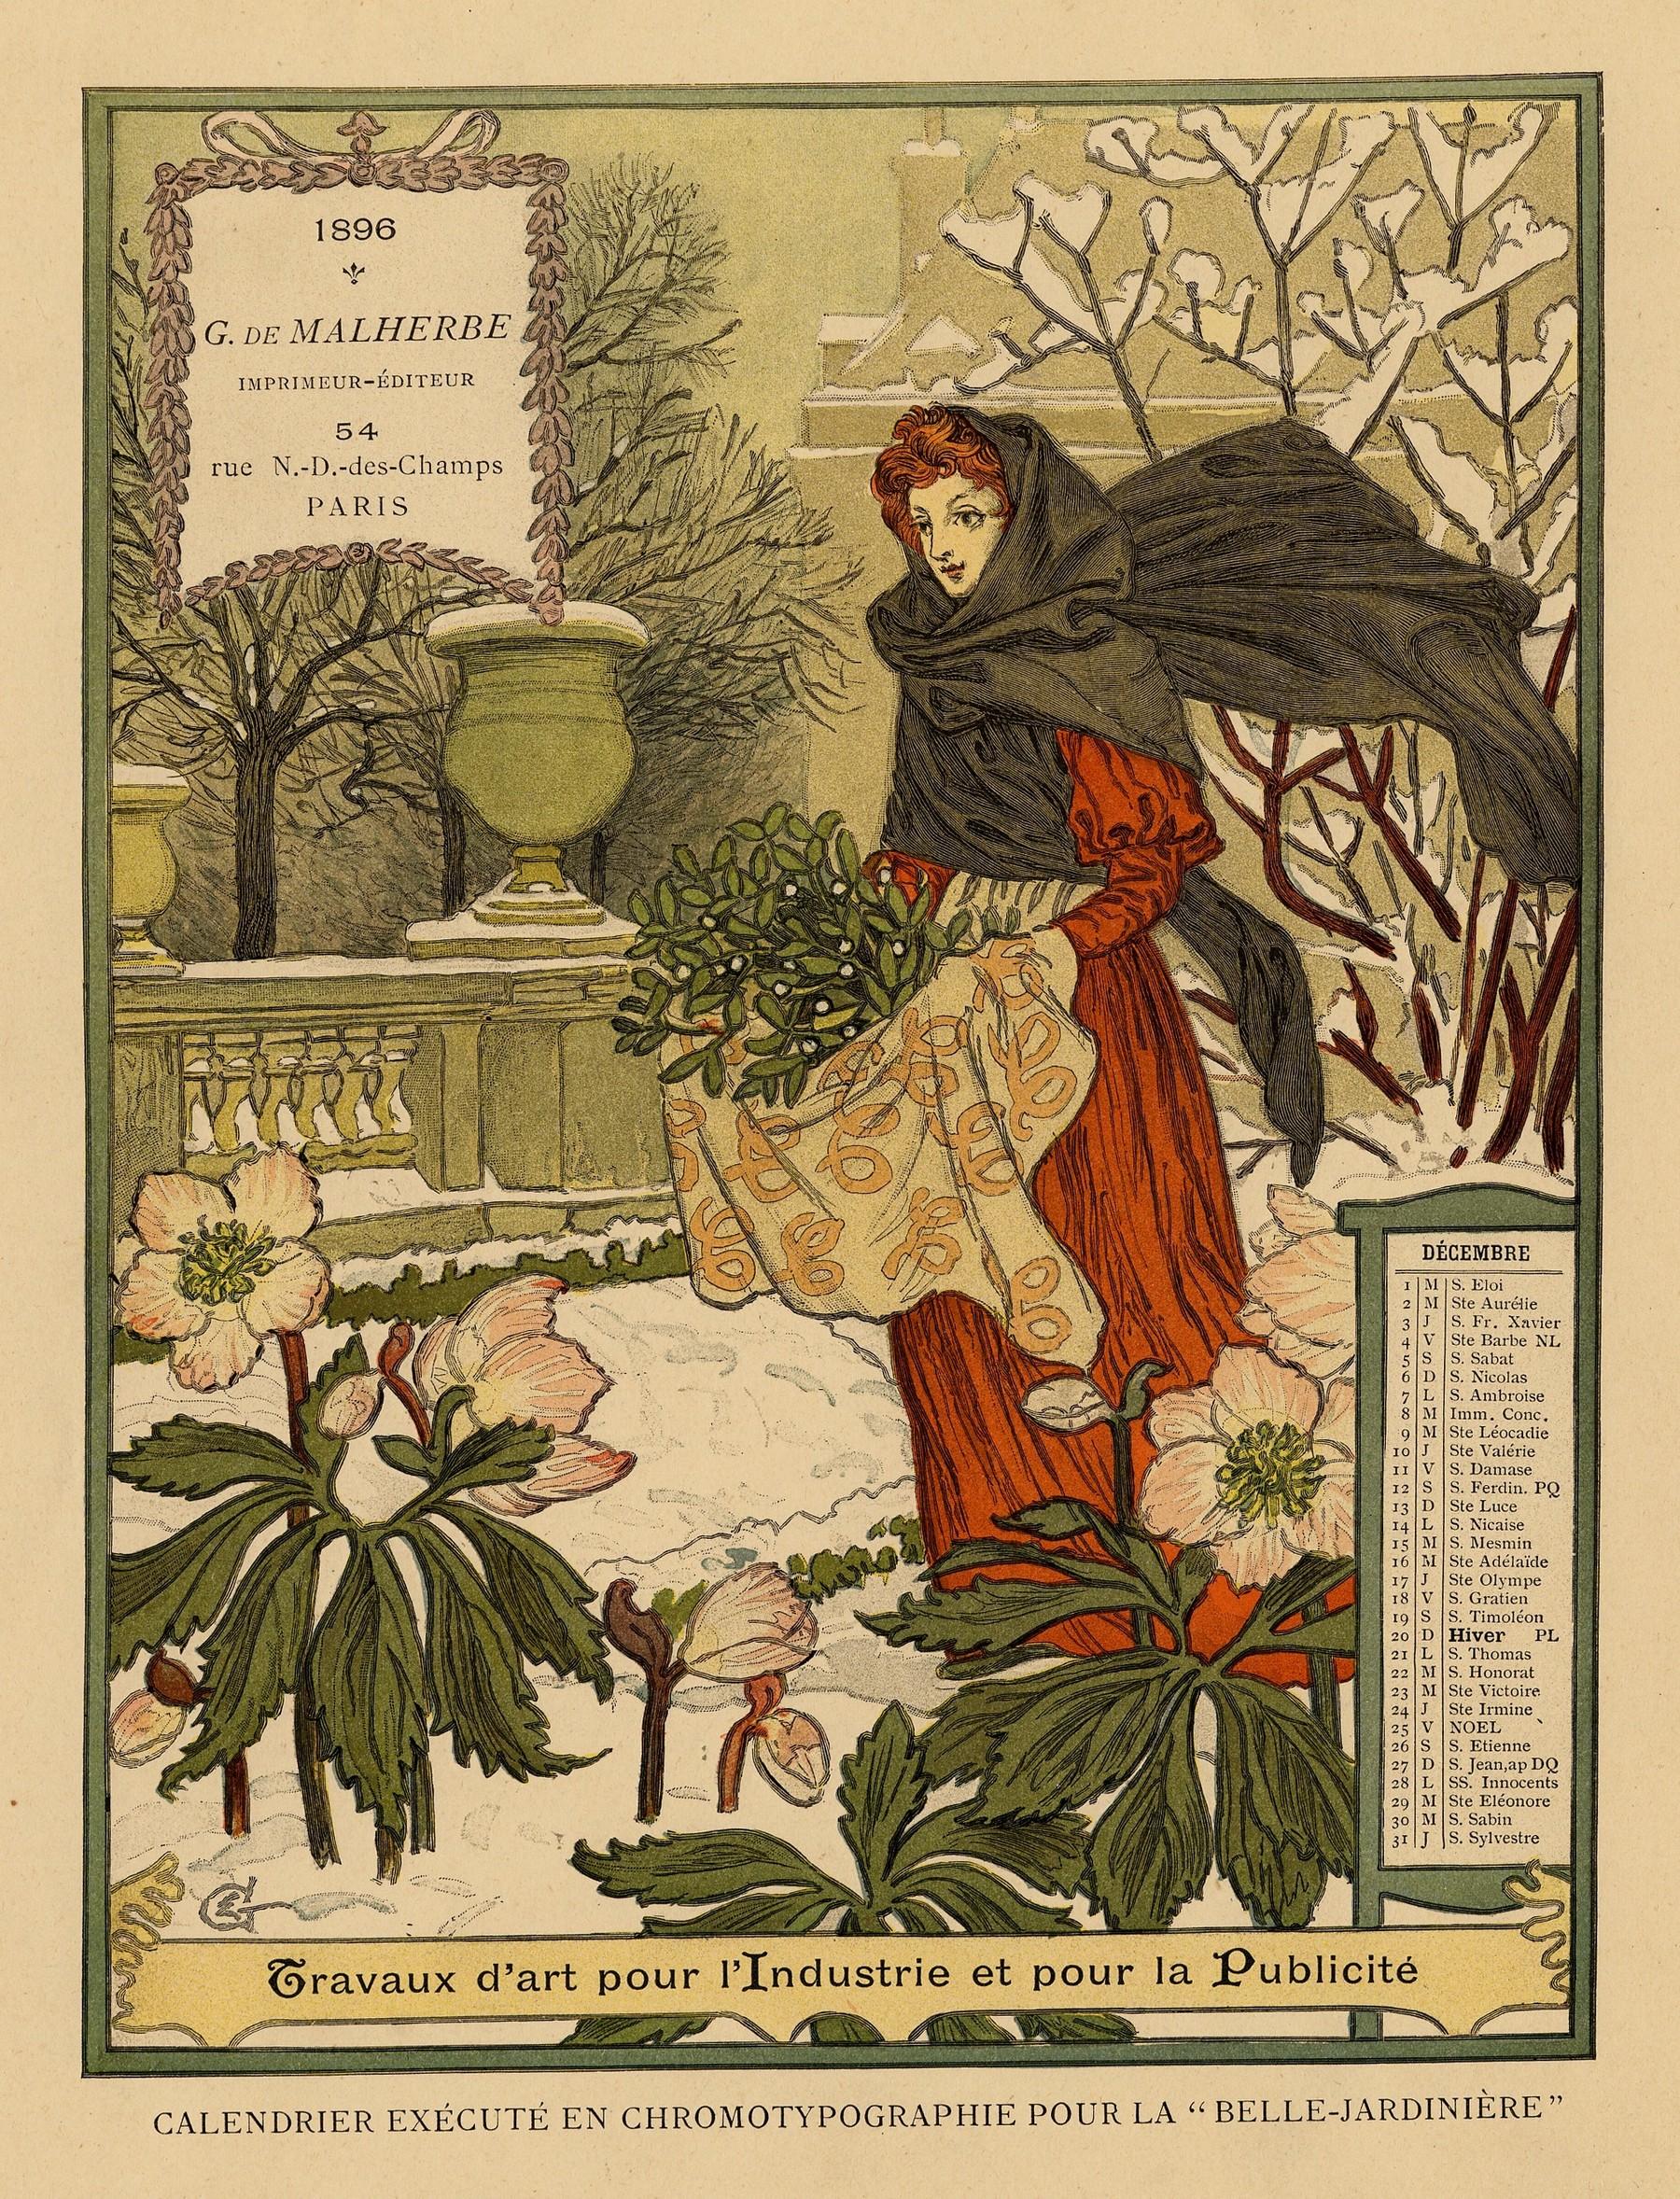 Contenu du Calendrier de 1896 de La Belle Jardinière. Les Mois: Décembre